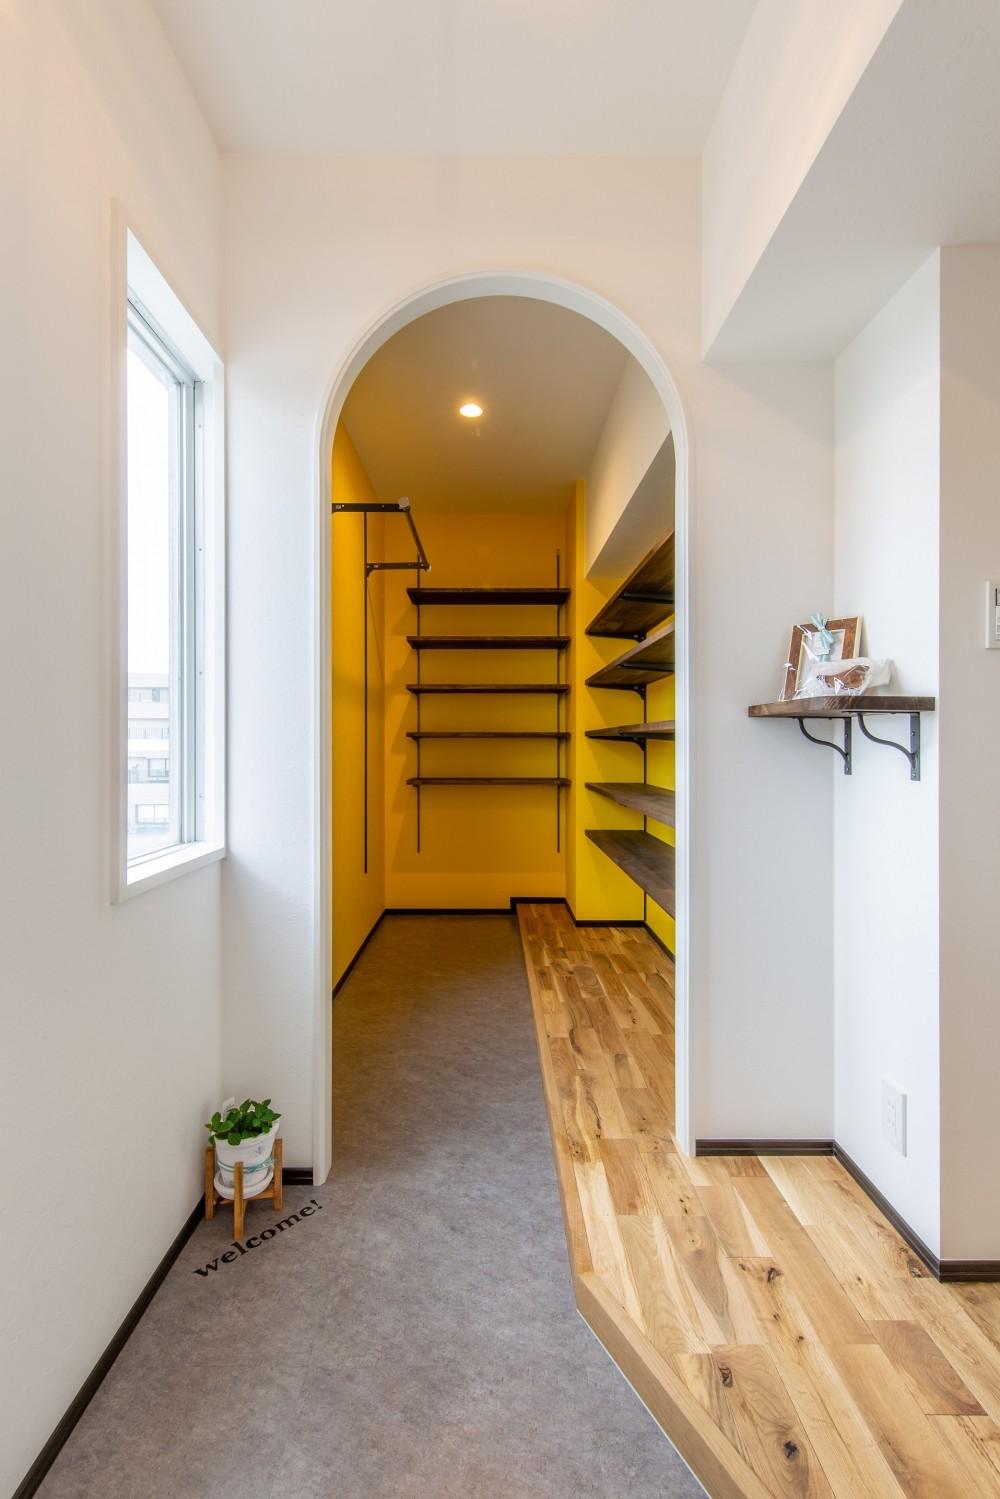 広々な土間収納、広々なリビング。天然無垢材をふんだんに使用した、思いの詰まったステキな空間。 (玄関土間)